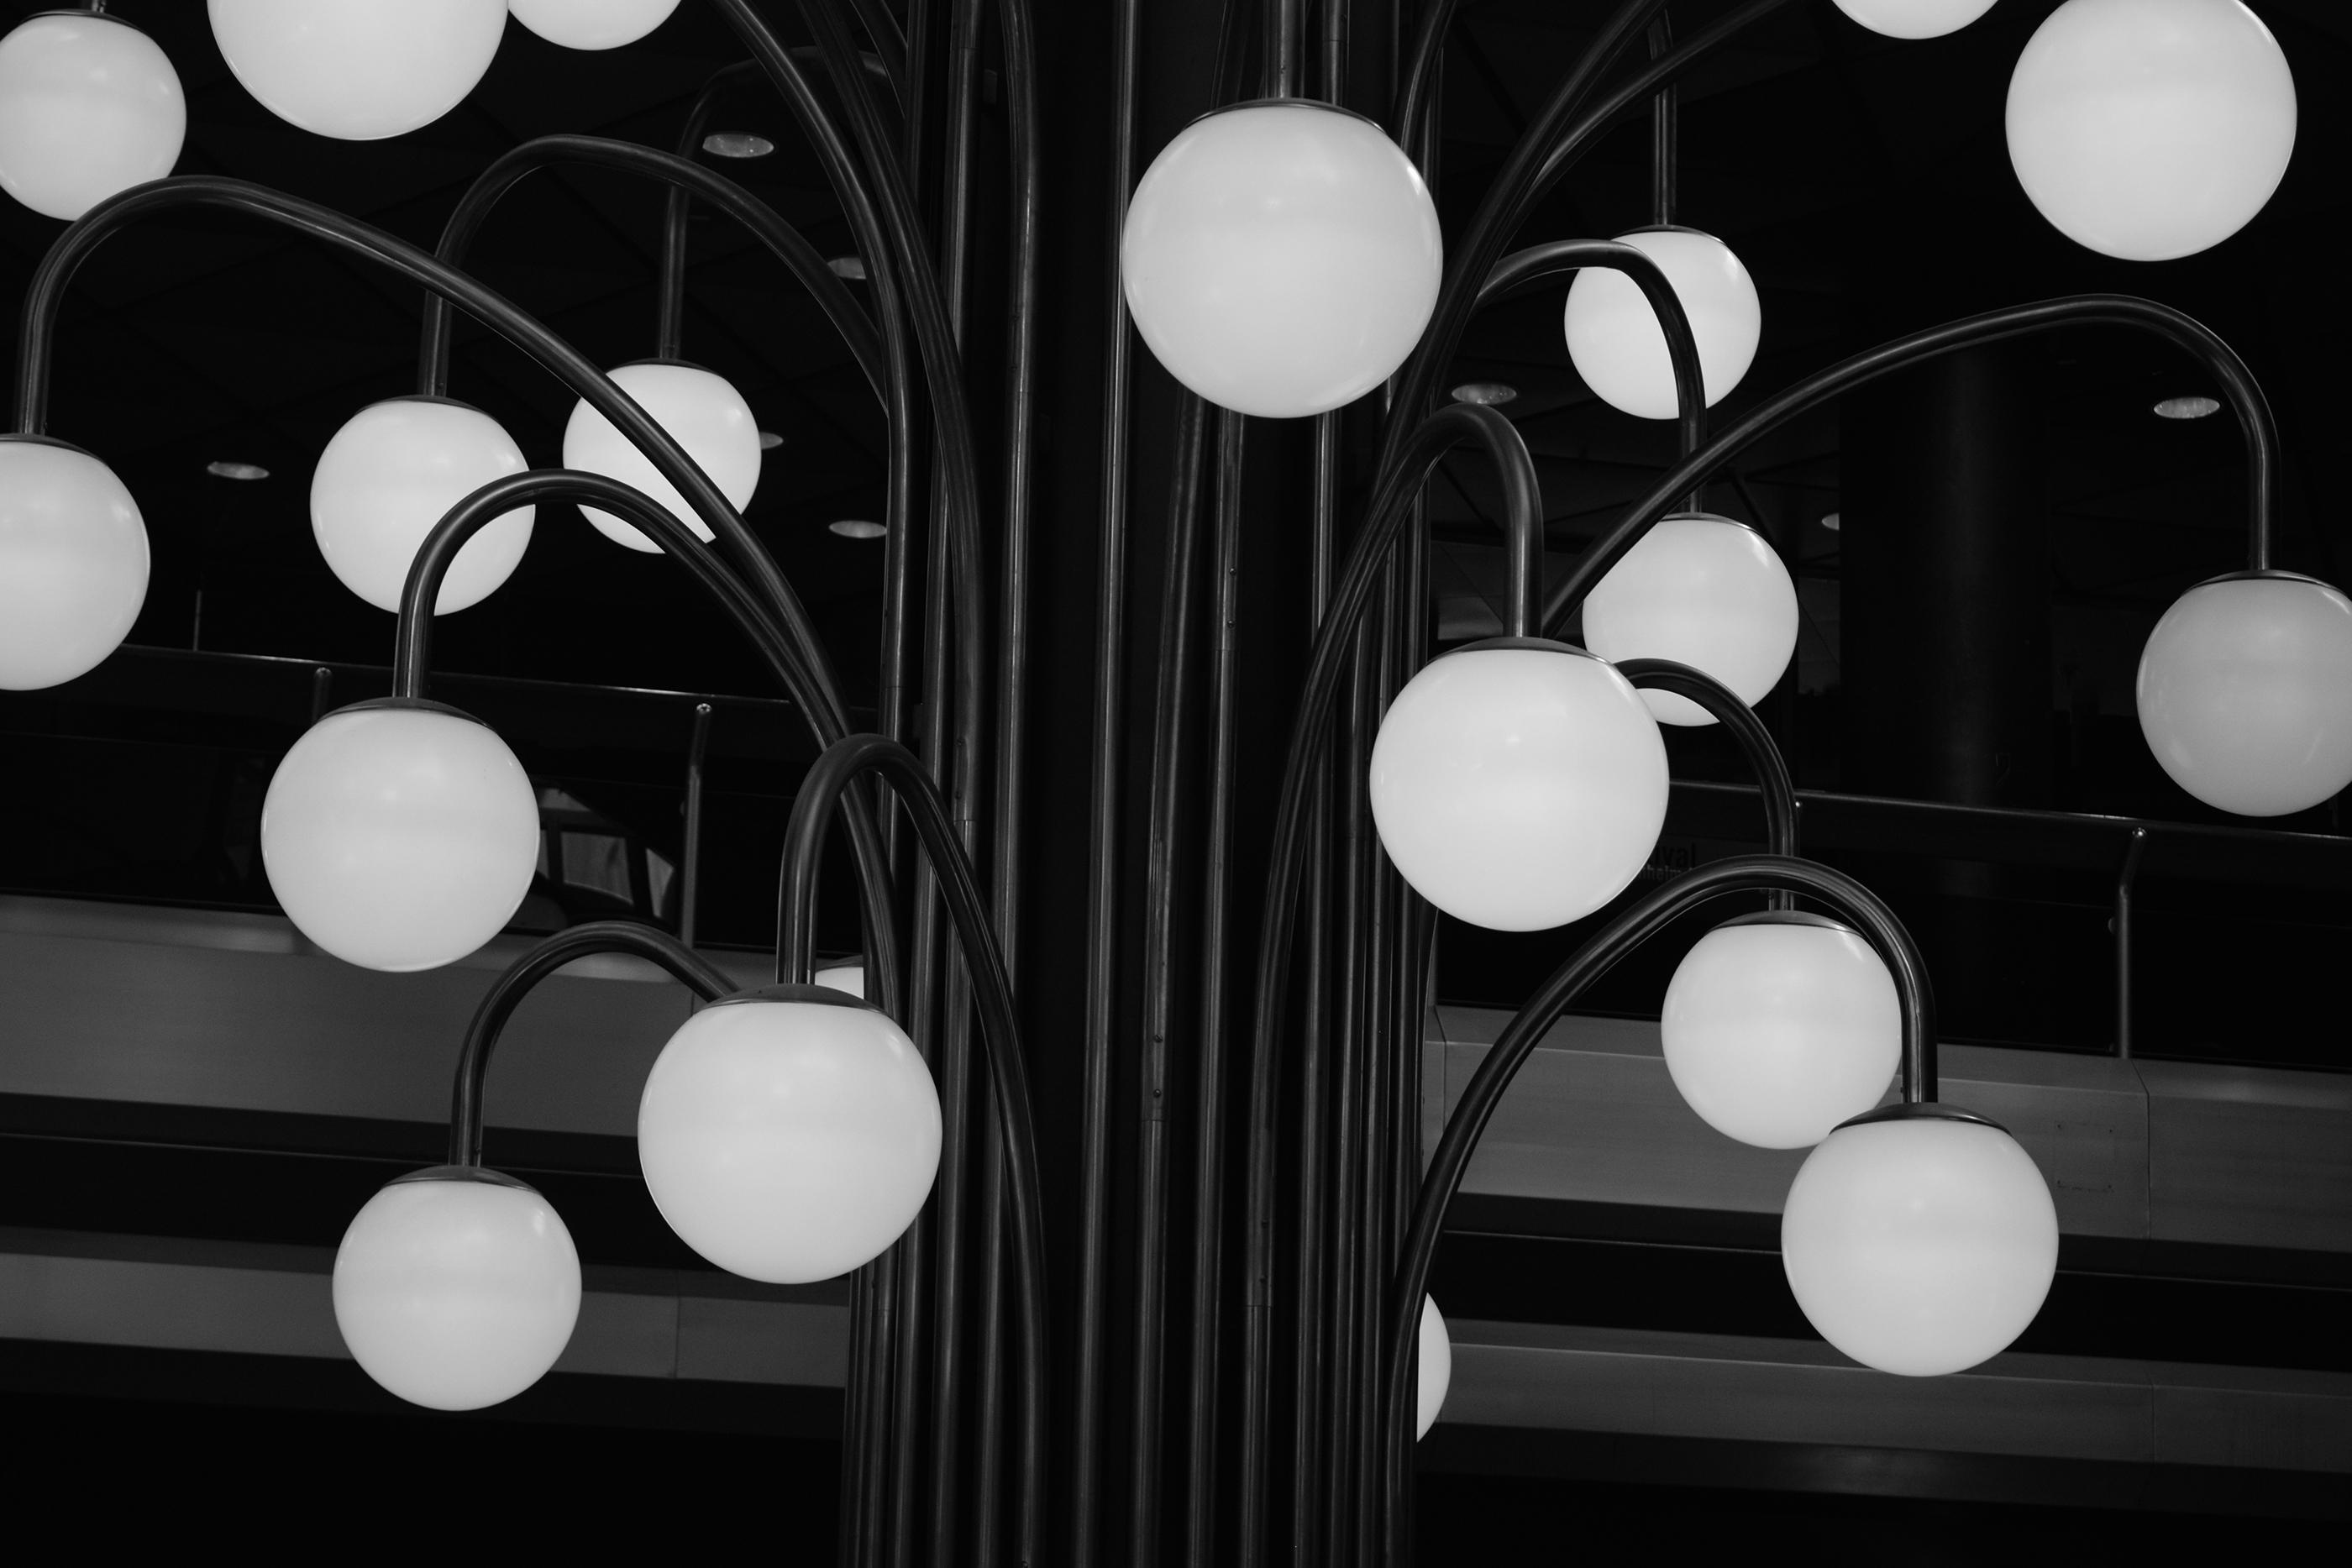 Lightballs_2017